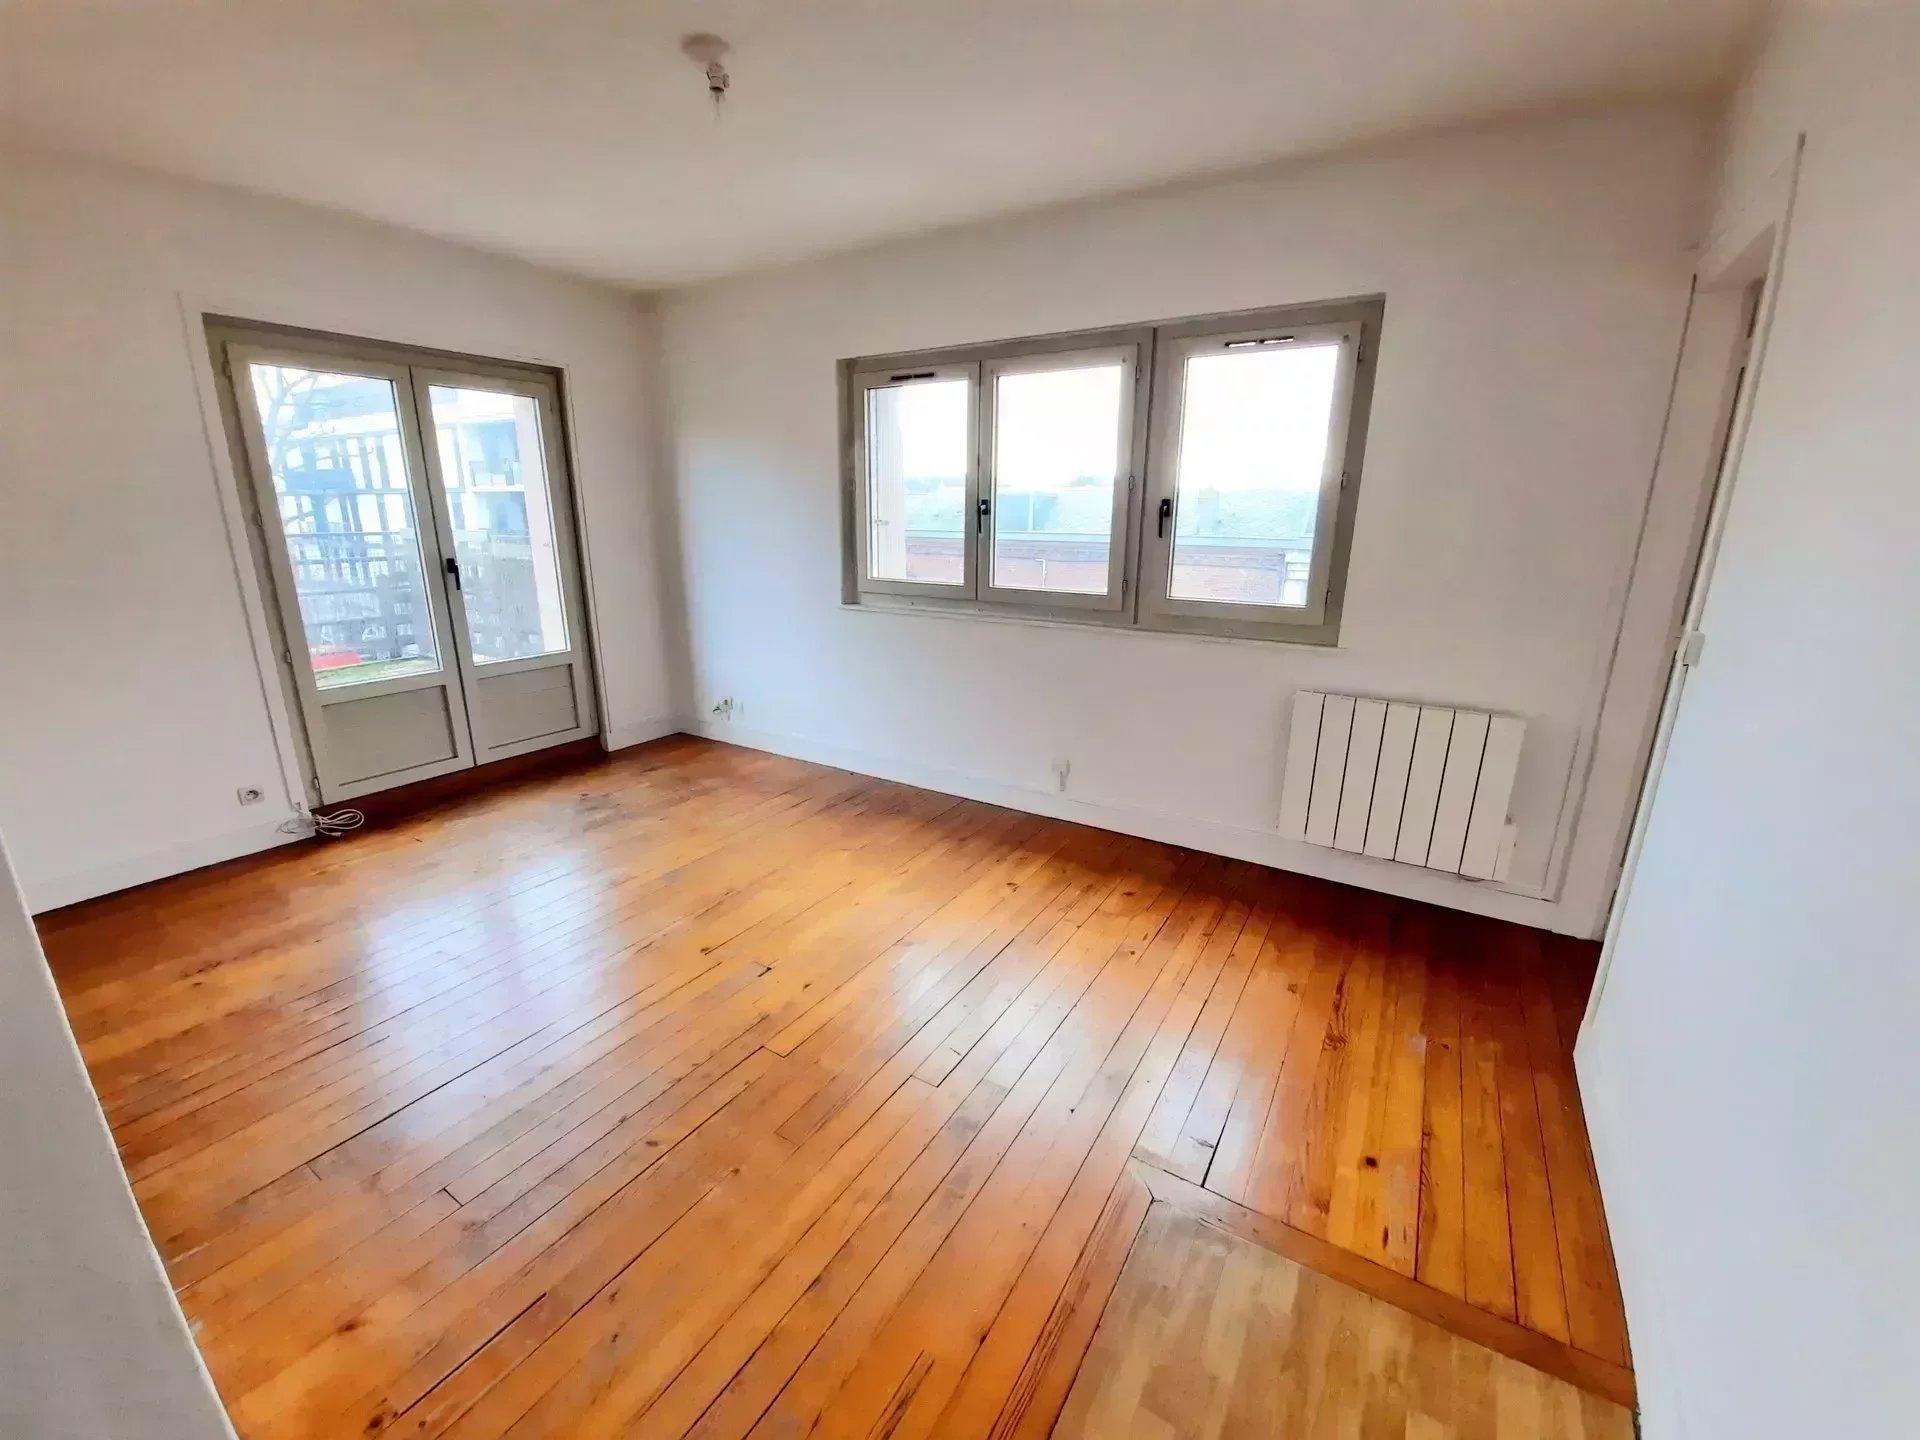 Appartement 3 pièces 56 m² avec terrasse et grenier à aménager